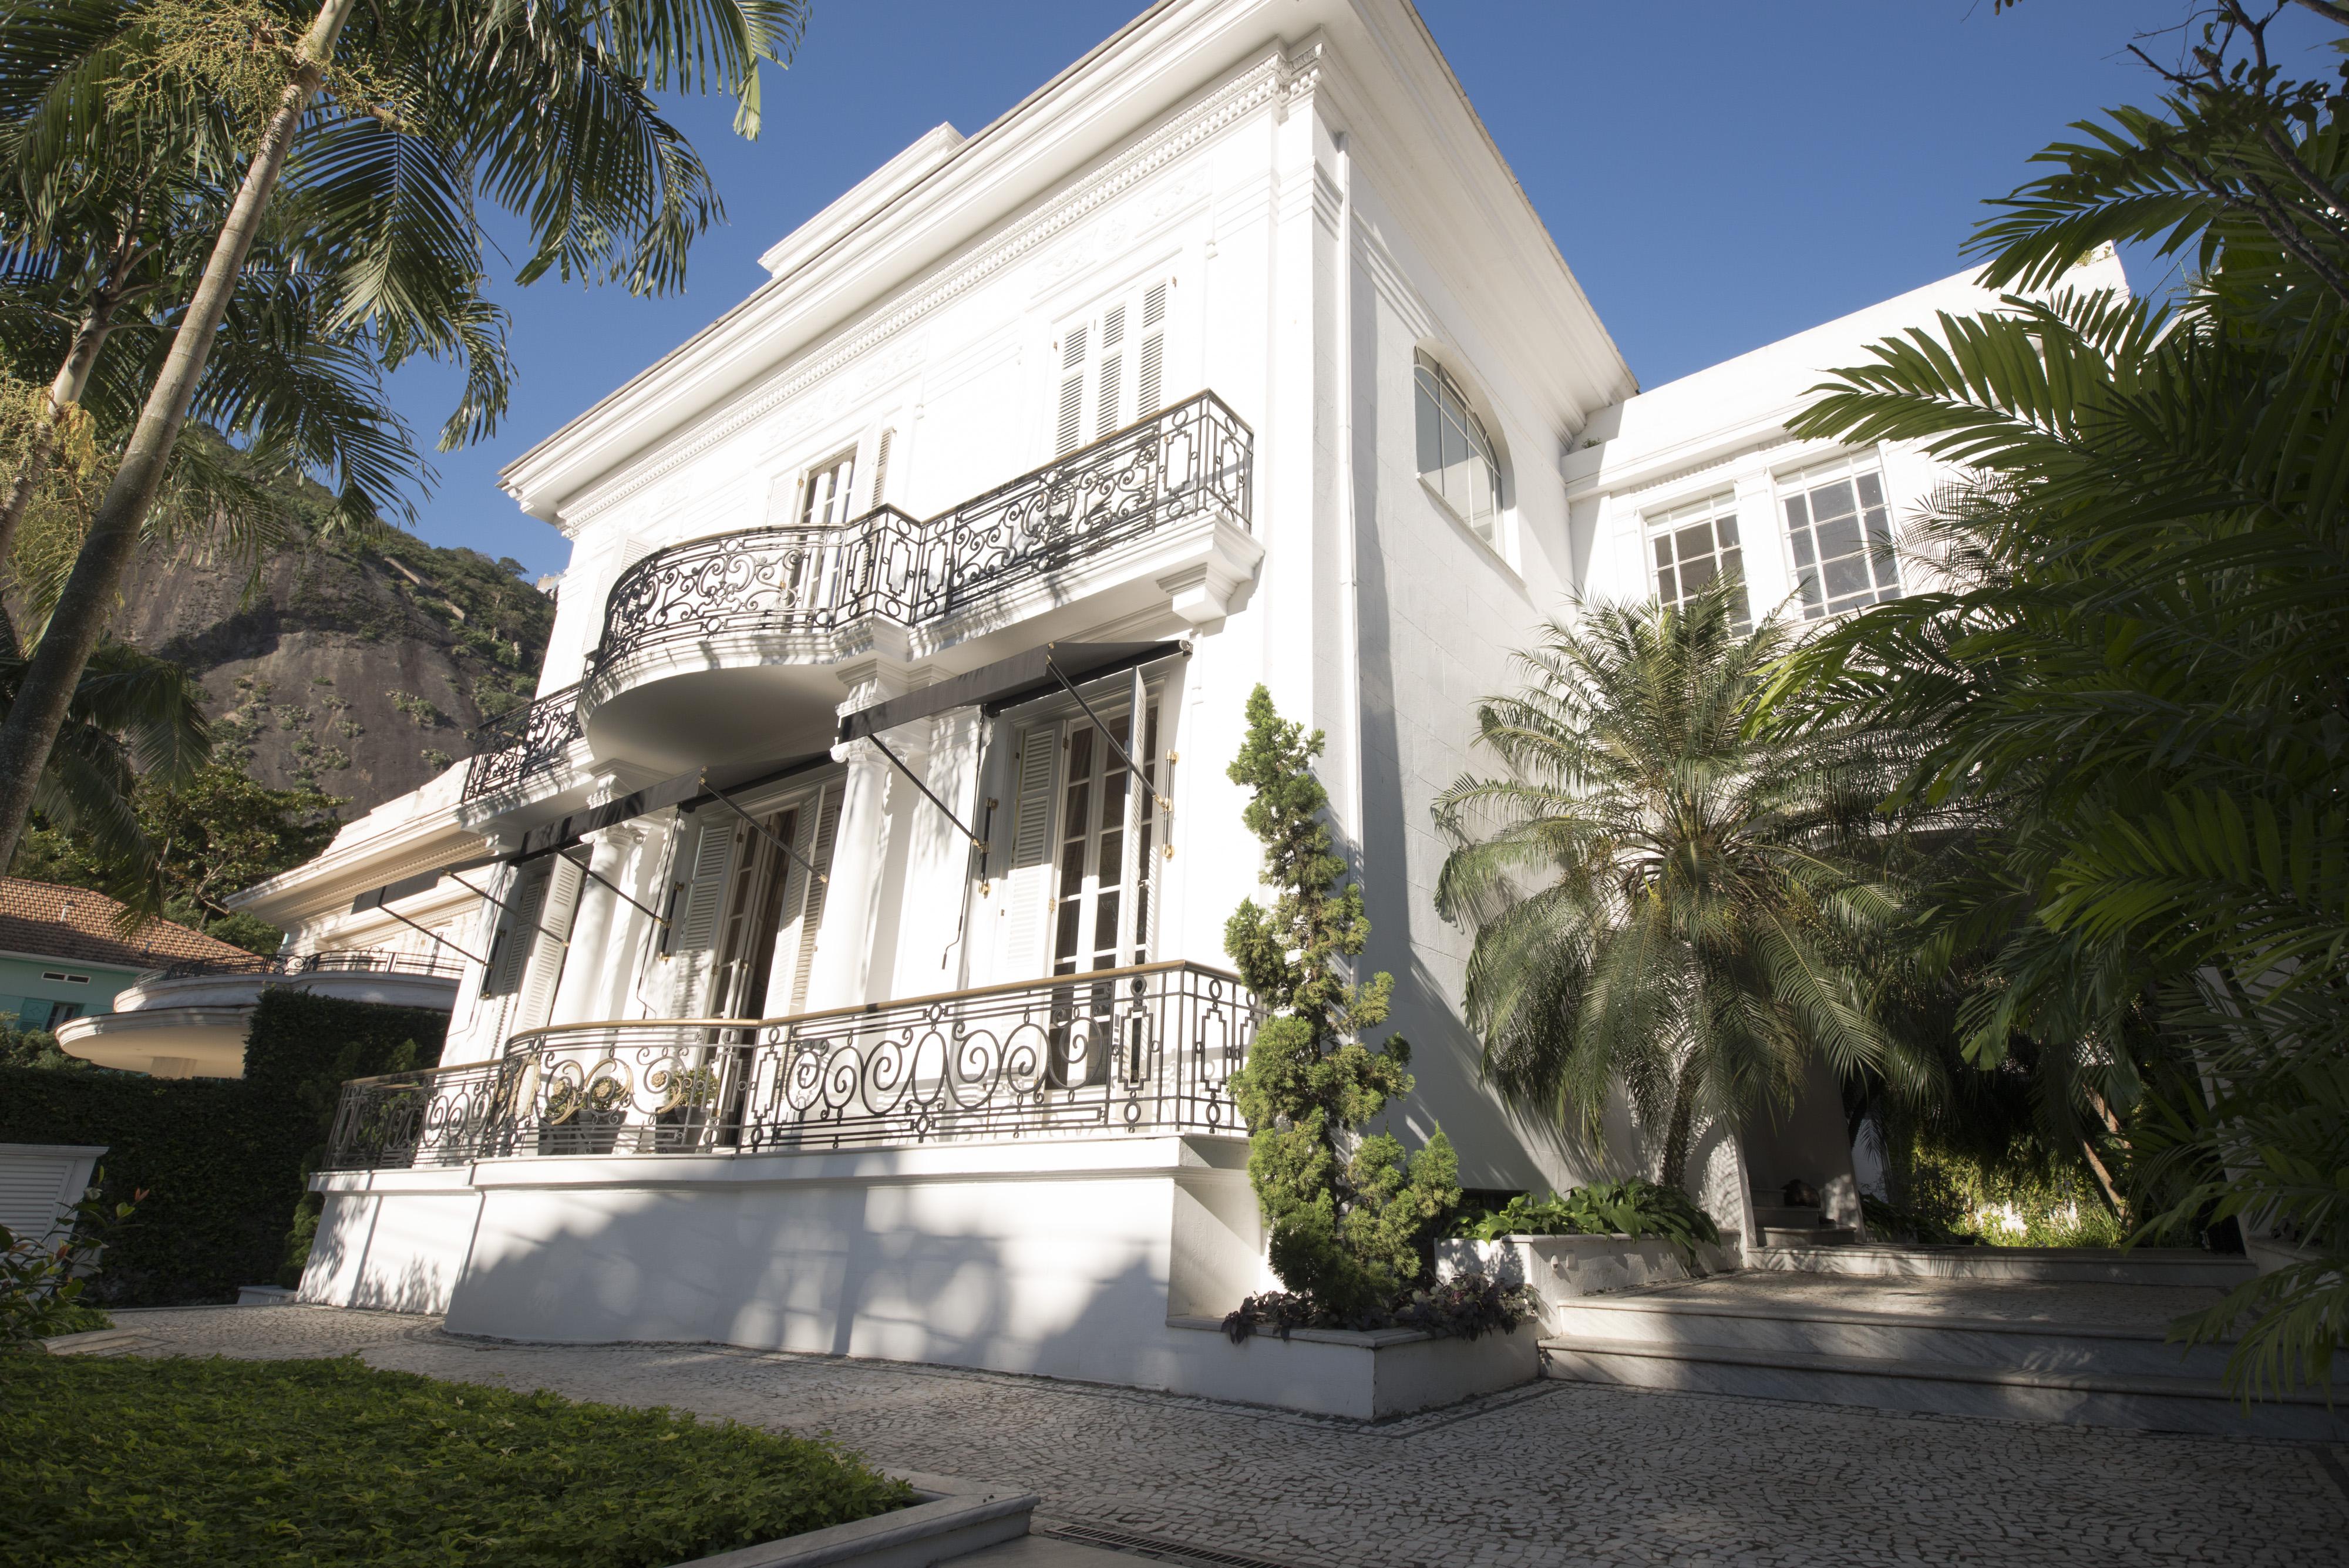 Maison unifamiliale pour l Vente à XX Century Mansion Rua Urbano Santos Rio De Janeiro, Rio De Janeiro, 22290260 Brésil